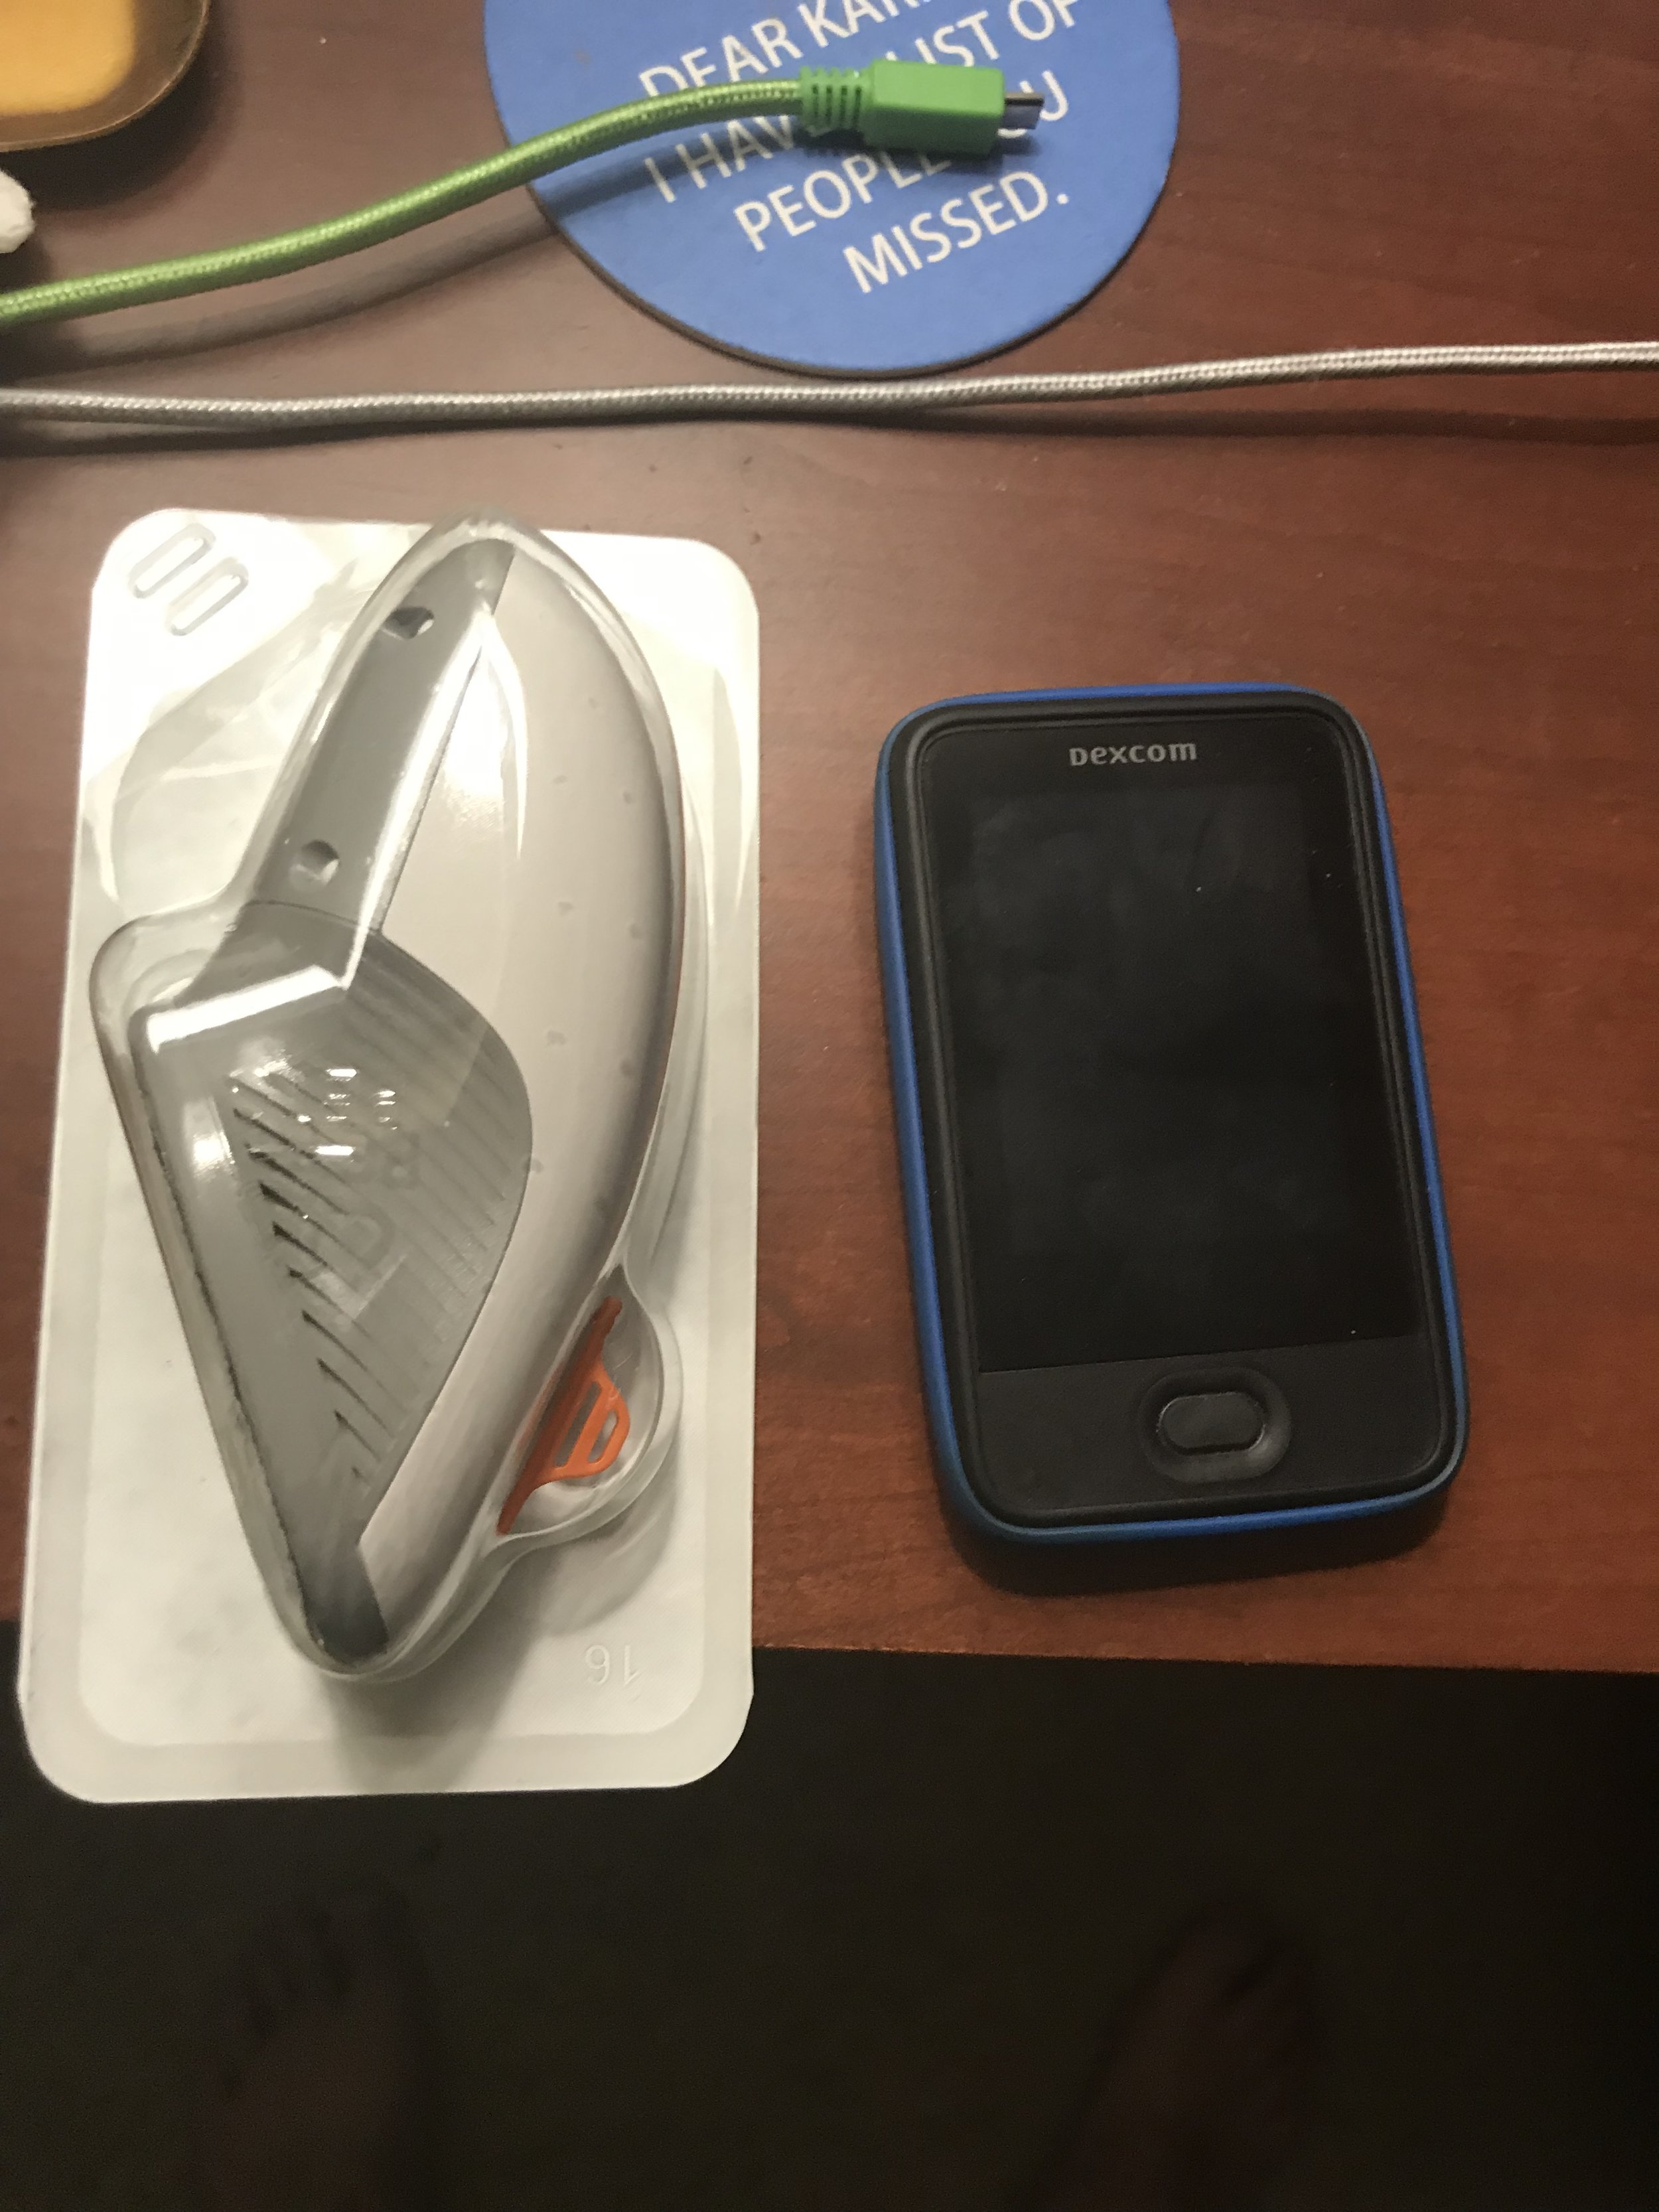 This is my Dexcom G6.